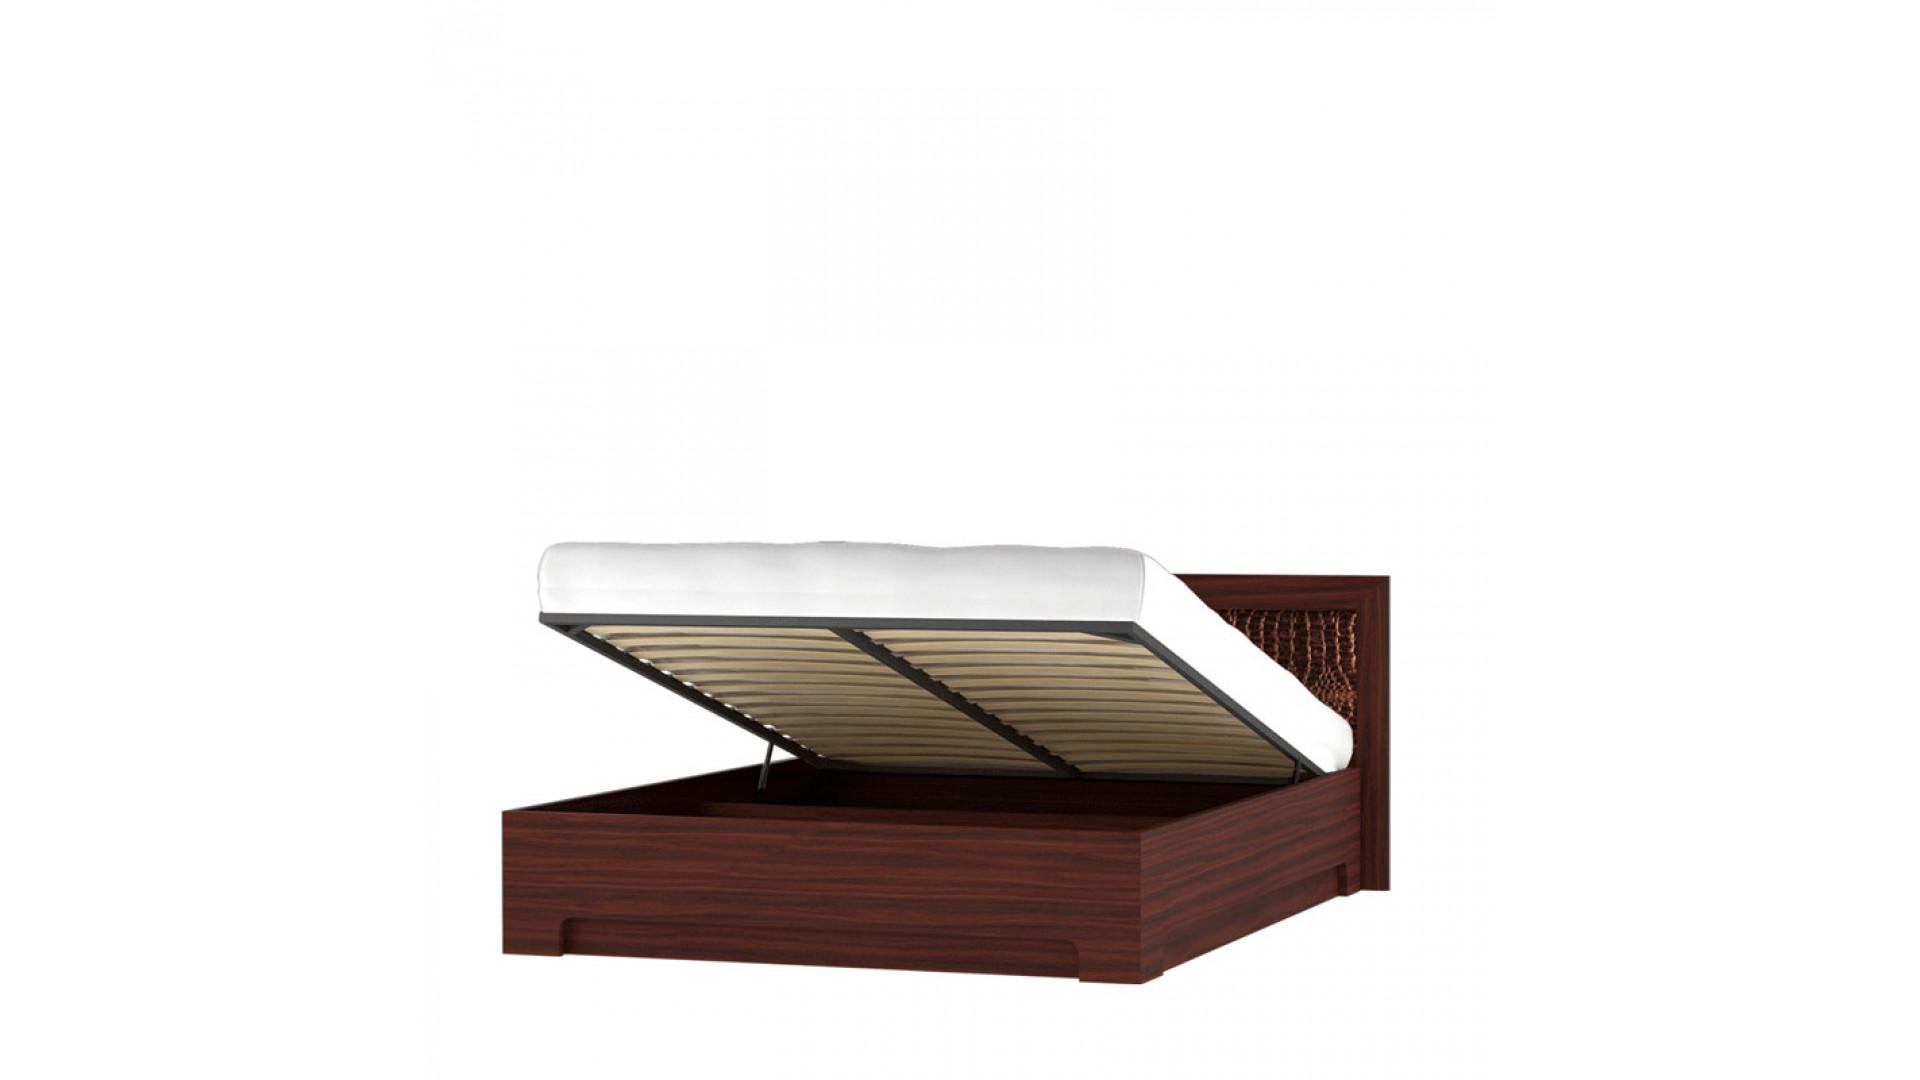 кровать 160х200 с подъемным механизмом и мягким изголовьем (модель 1) Кураж Тоскана дуб тортона